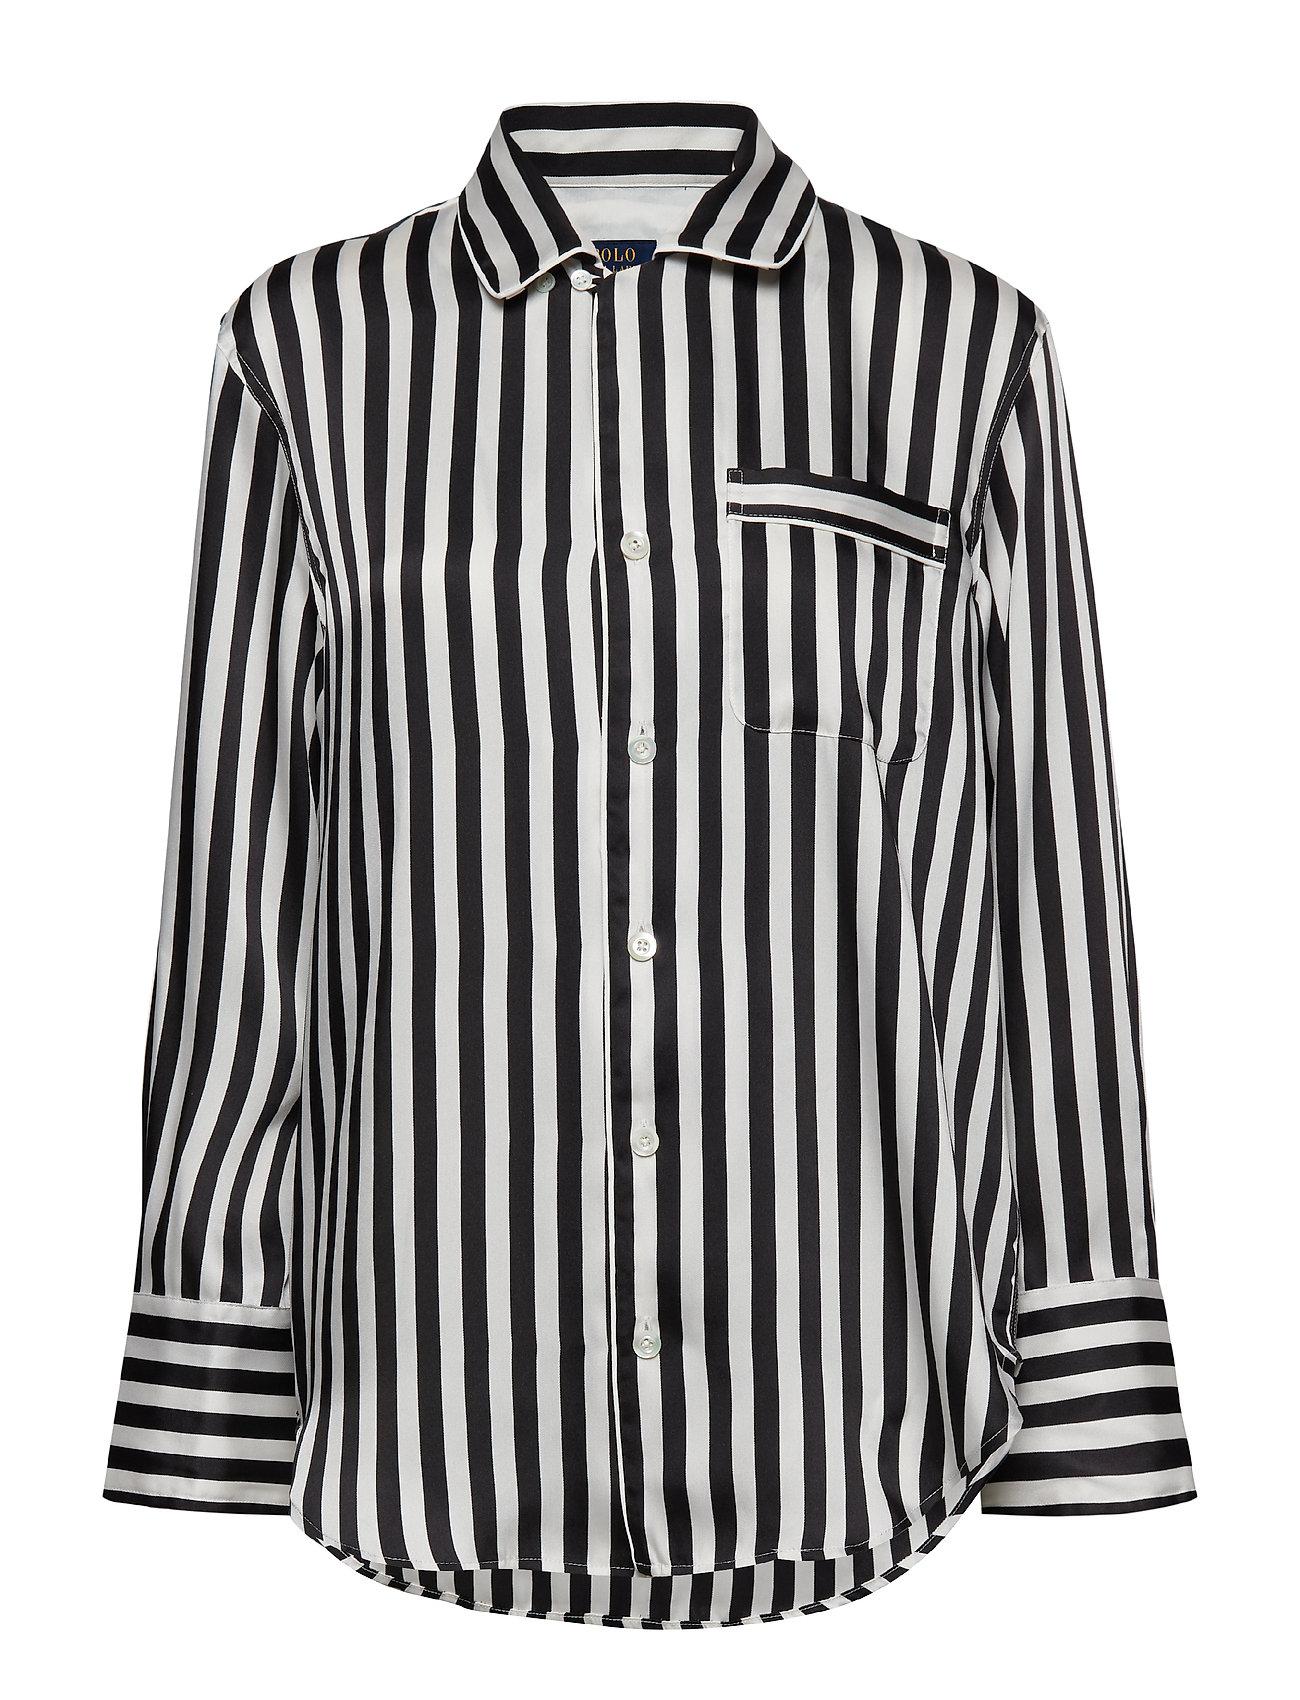 Polo Ralph Lauren Striped Button-Down Shirt - POLO BLACK/TROPHY